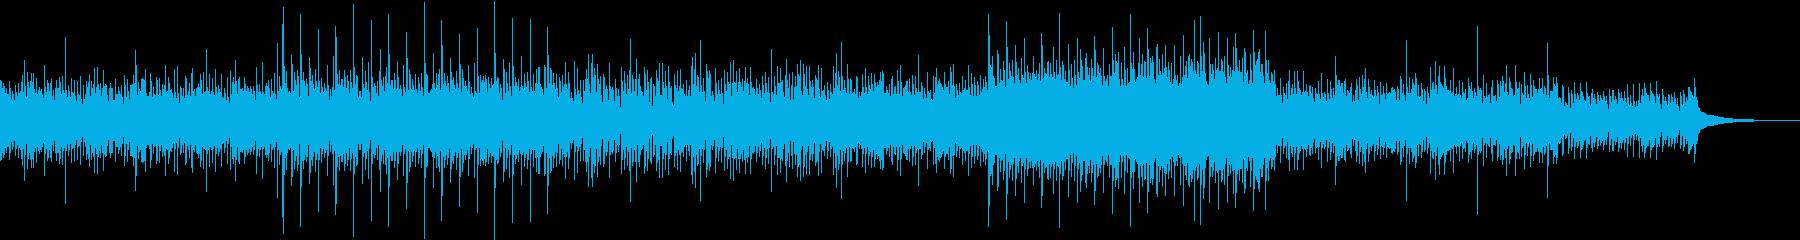 3拍子・NewAge・ワールド・スローの再生済みの波形